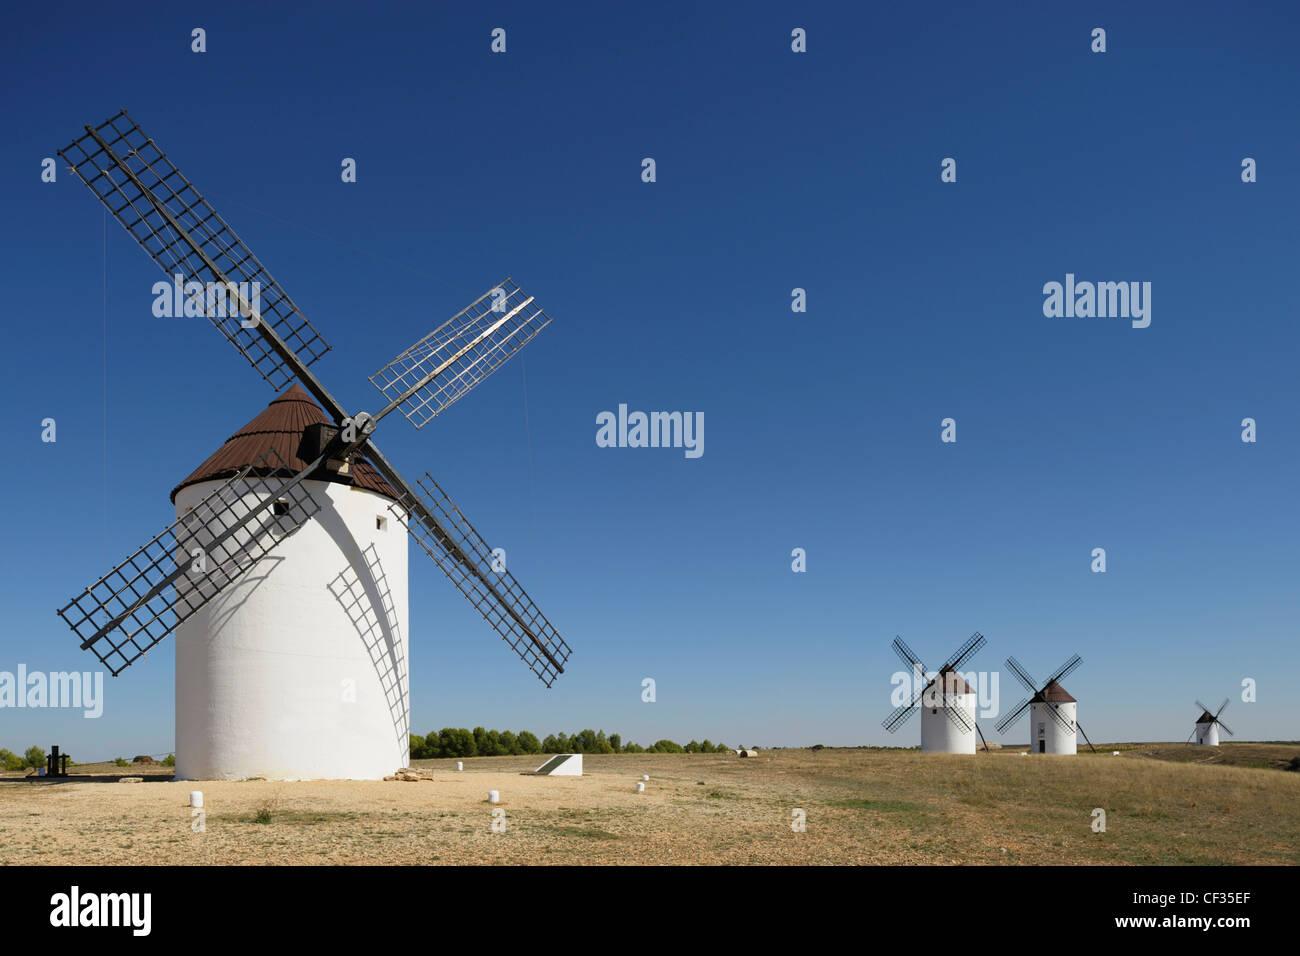 Windmills Of La Mancha; Mota Del Cuervo Cuenca Province Castile-La Mancha Spain - Stock Image